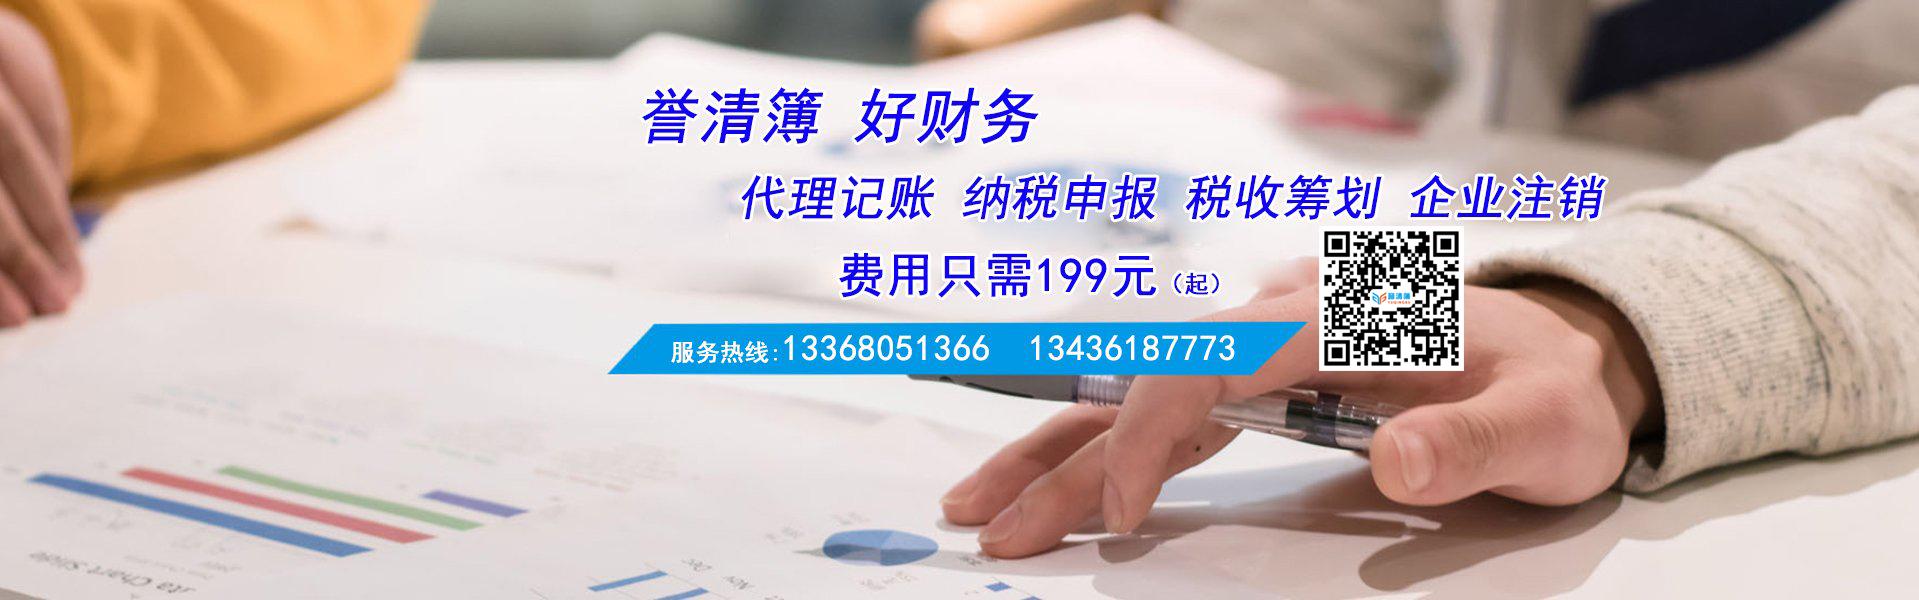 重庆工商代办资质